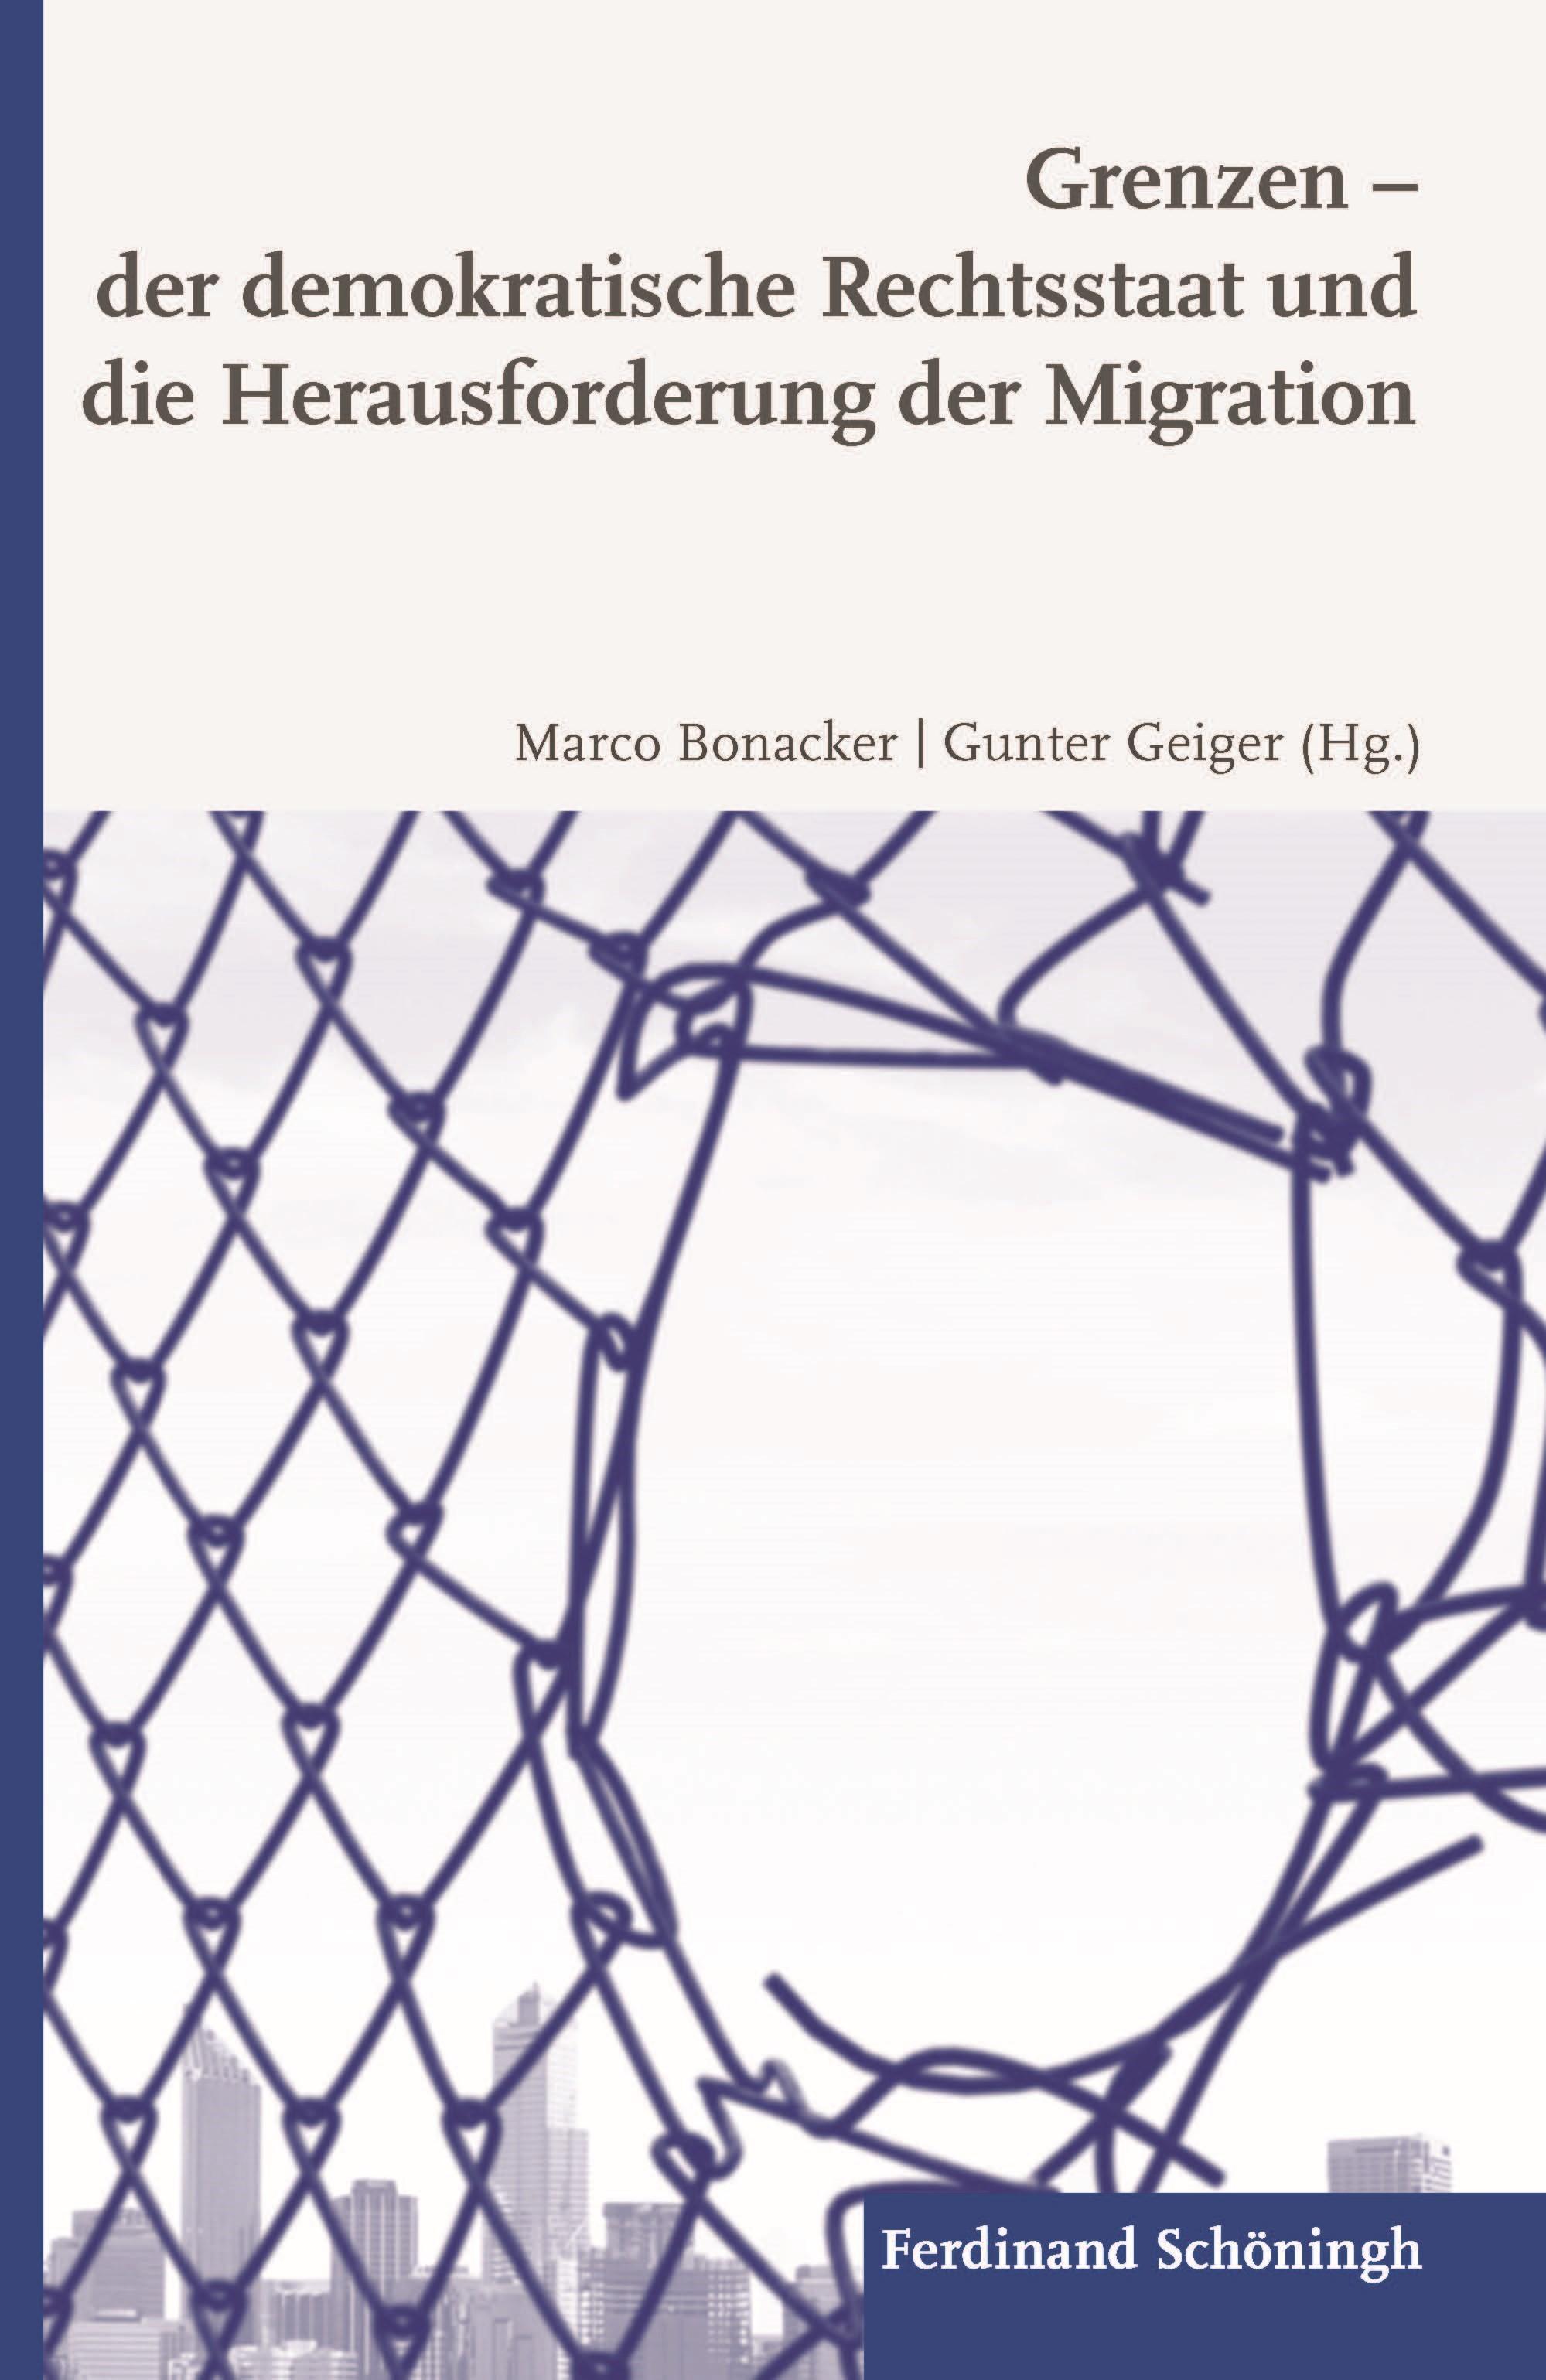 Grenzen - der demokratische Rechtsstaat und die Herausforderung der Migration | Bonacker / Geiger, 2018 | Buch (Cover)